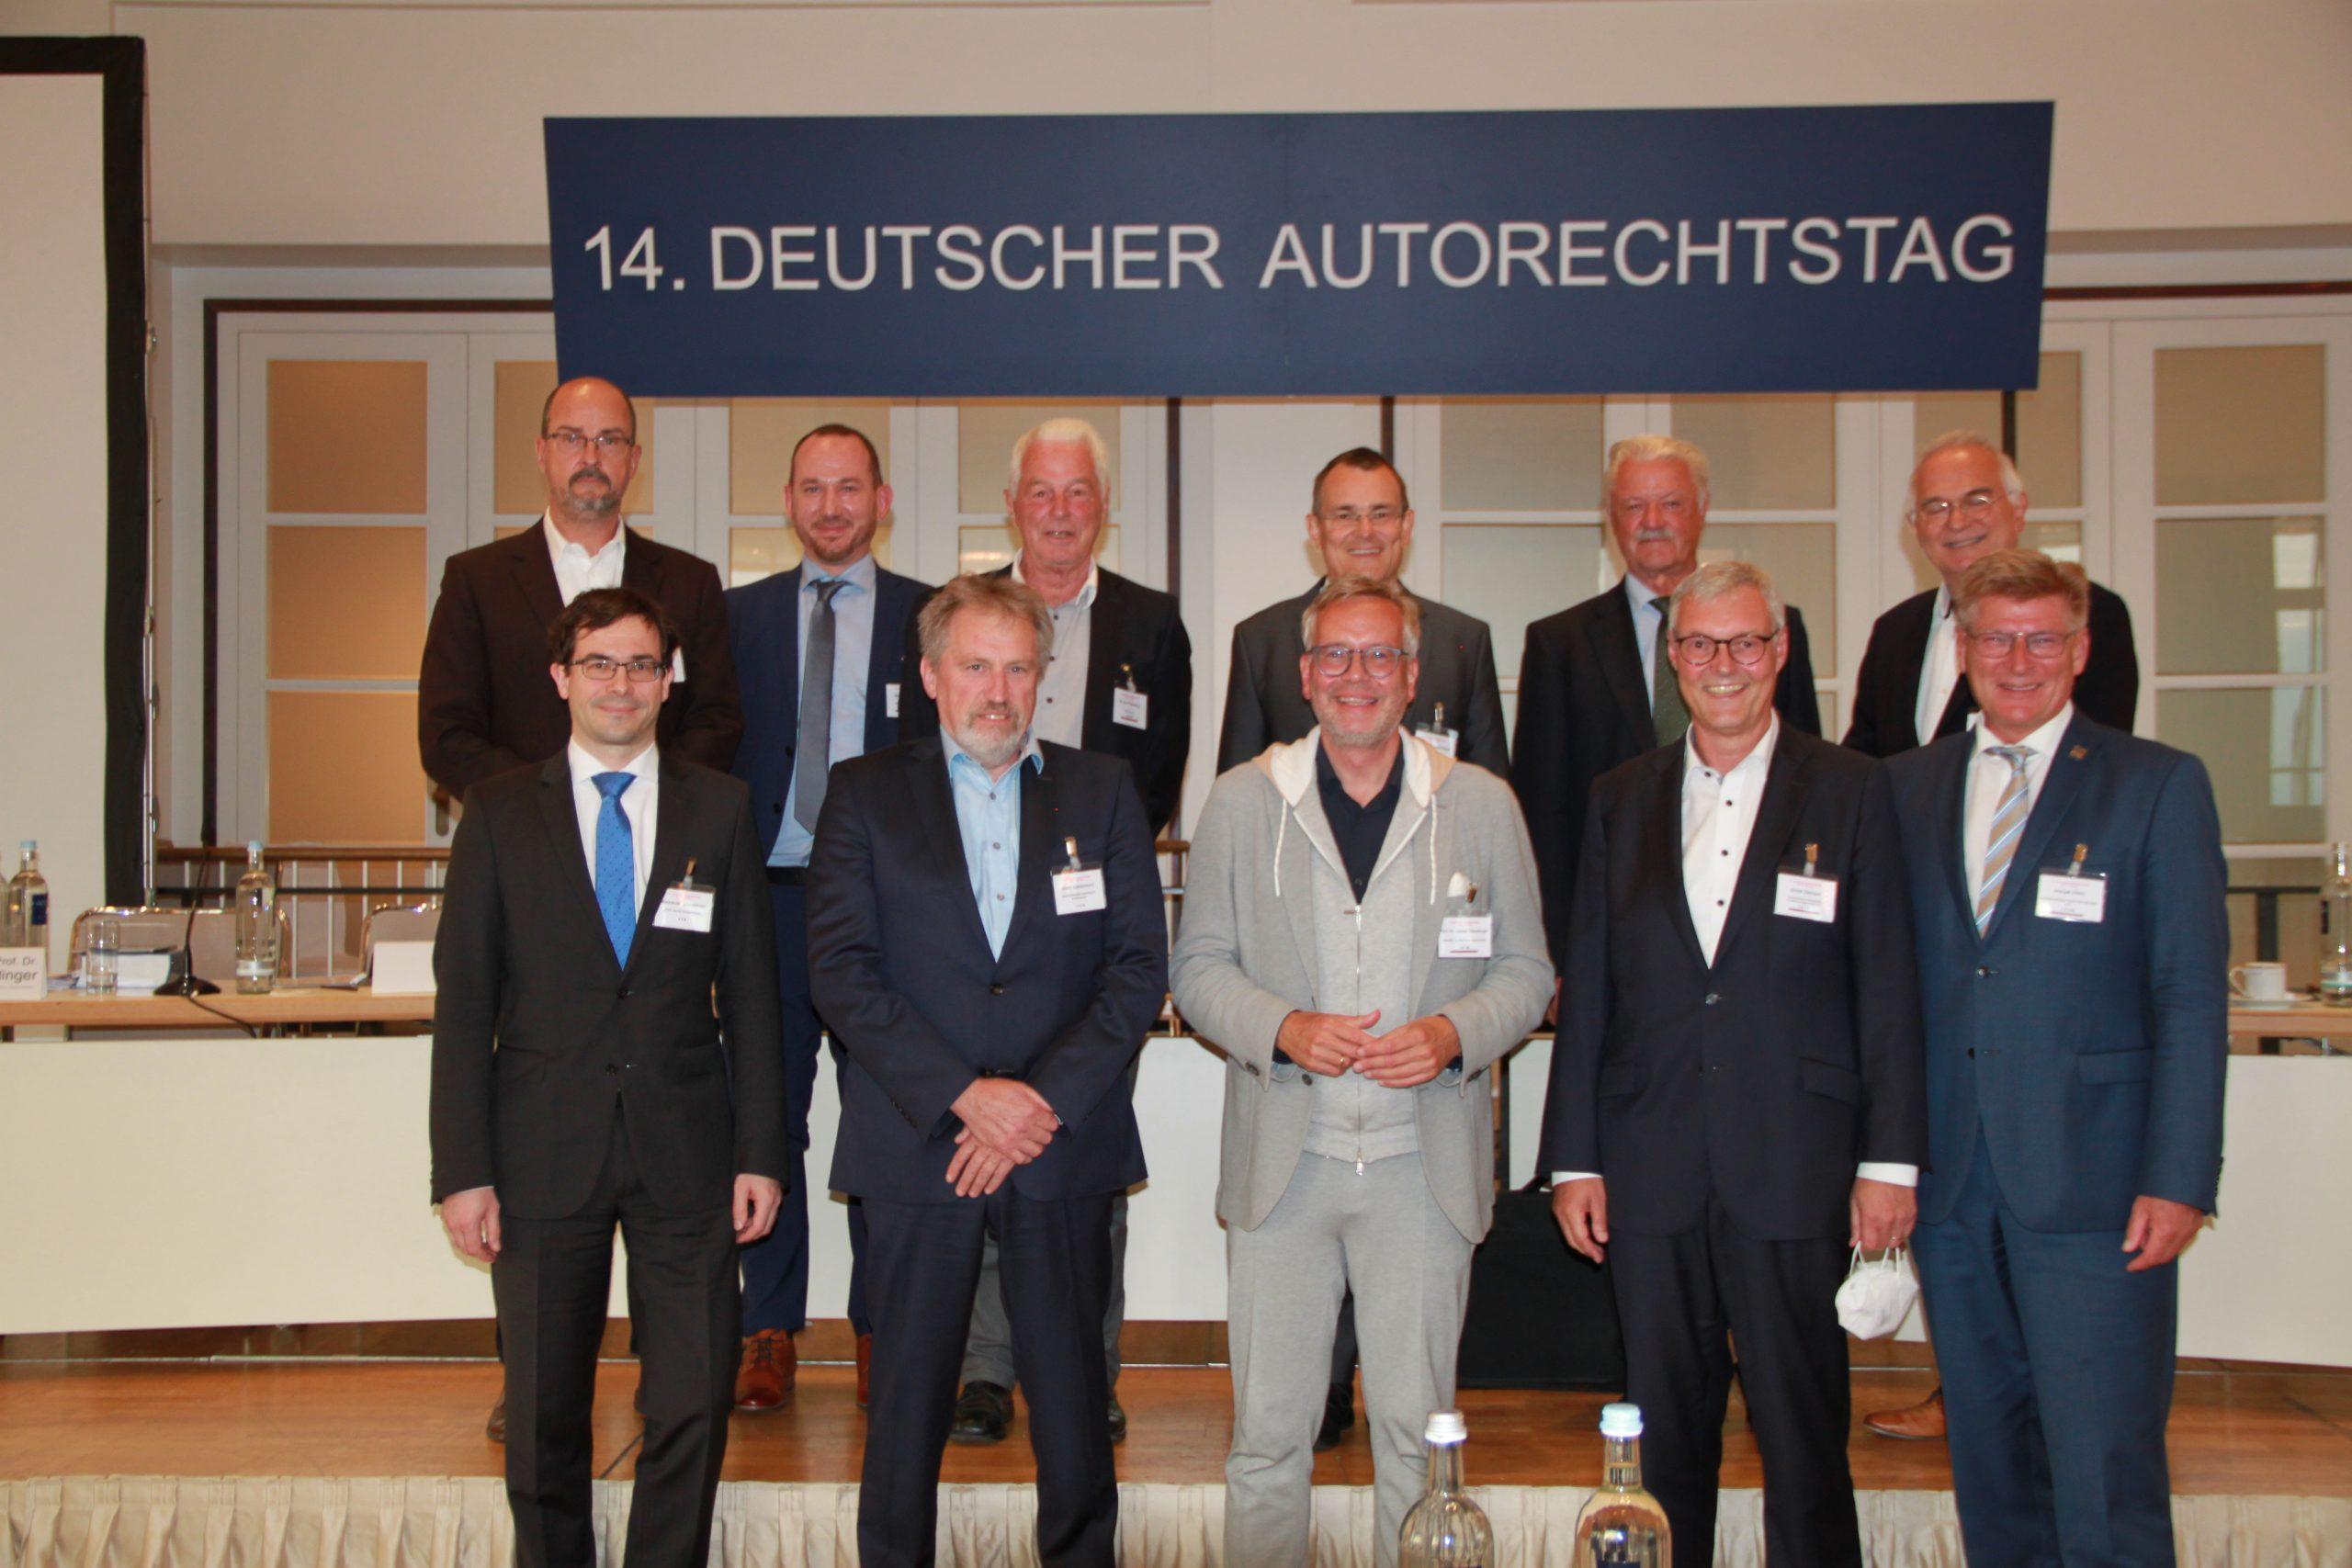 Pressebericht zum 14. Deutschen Autorechtstag